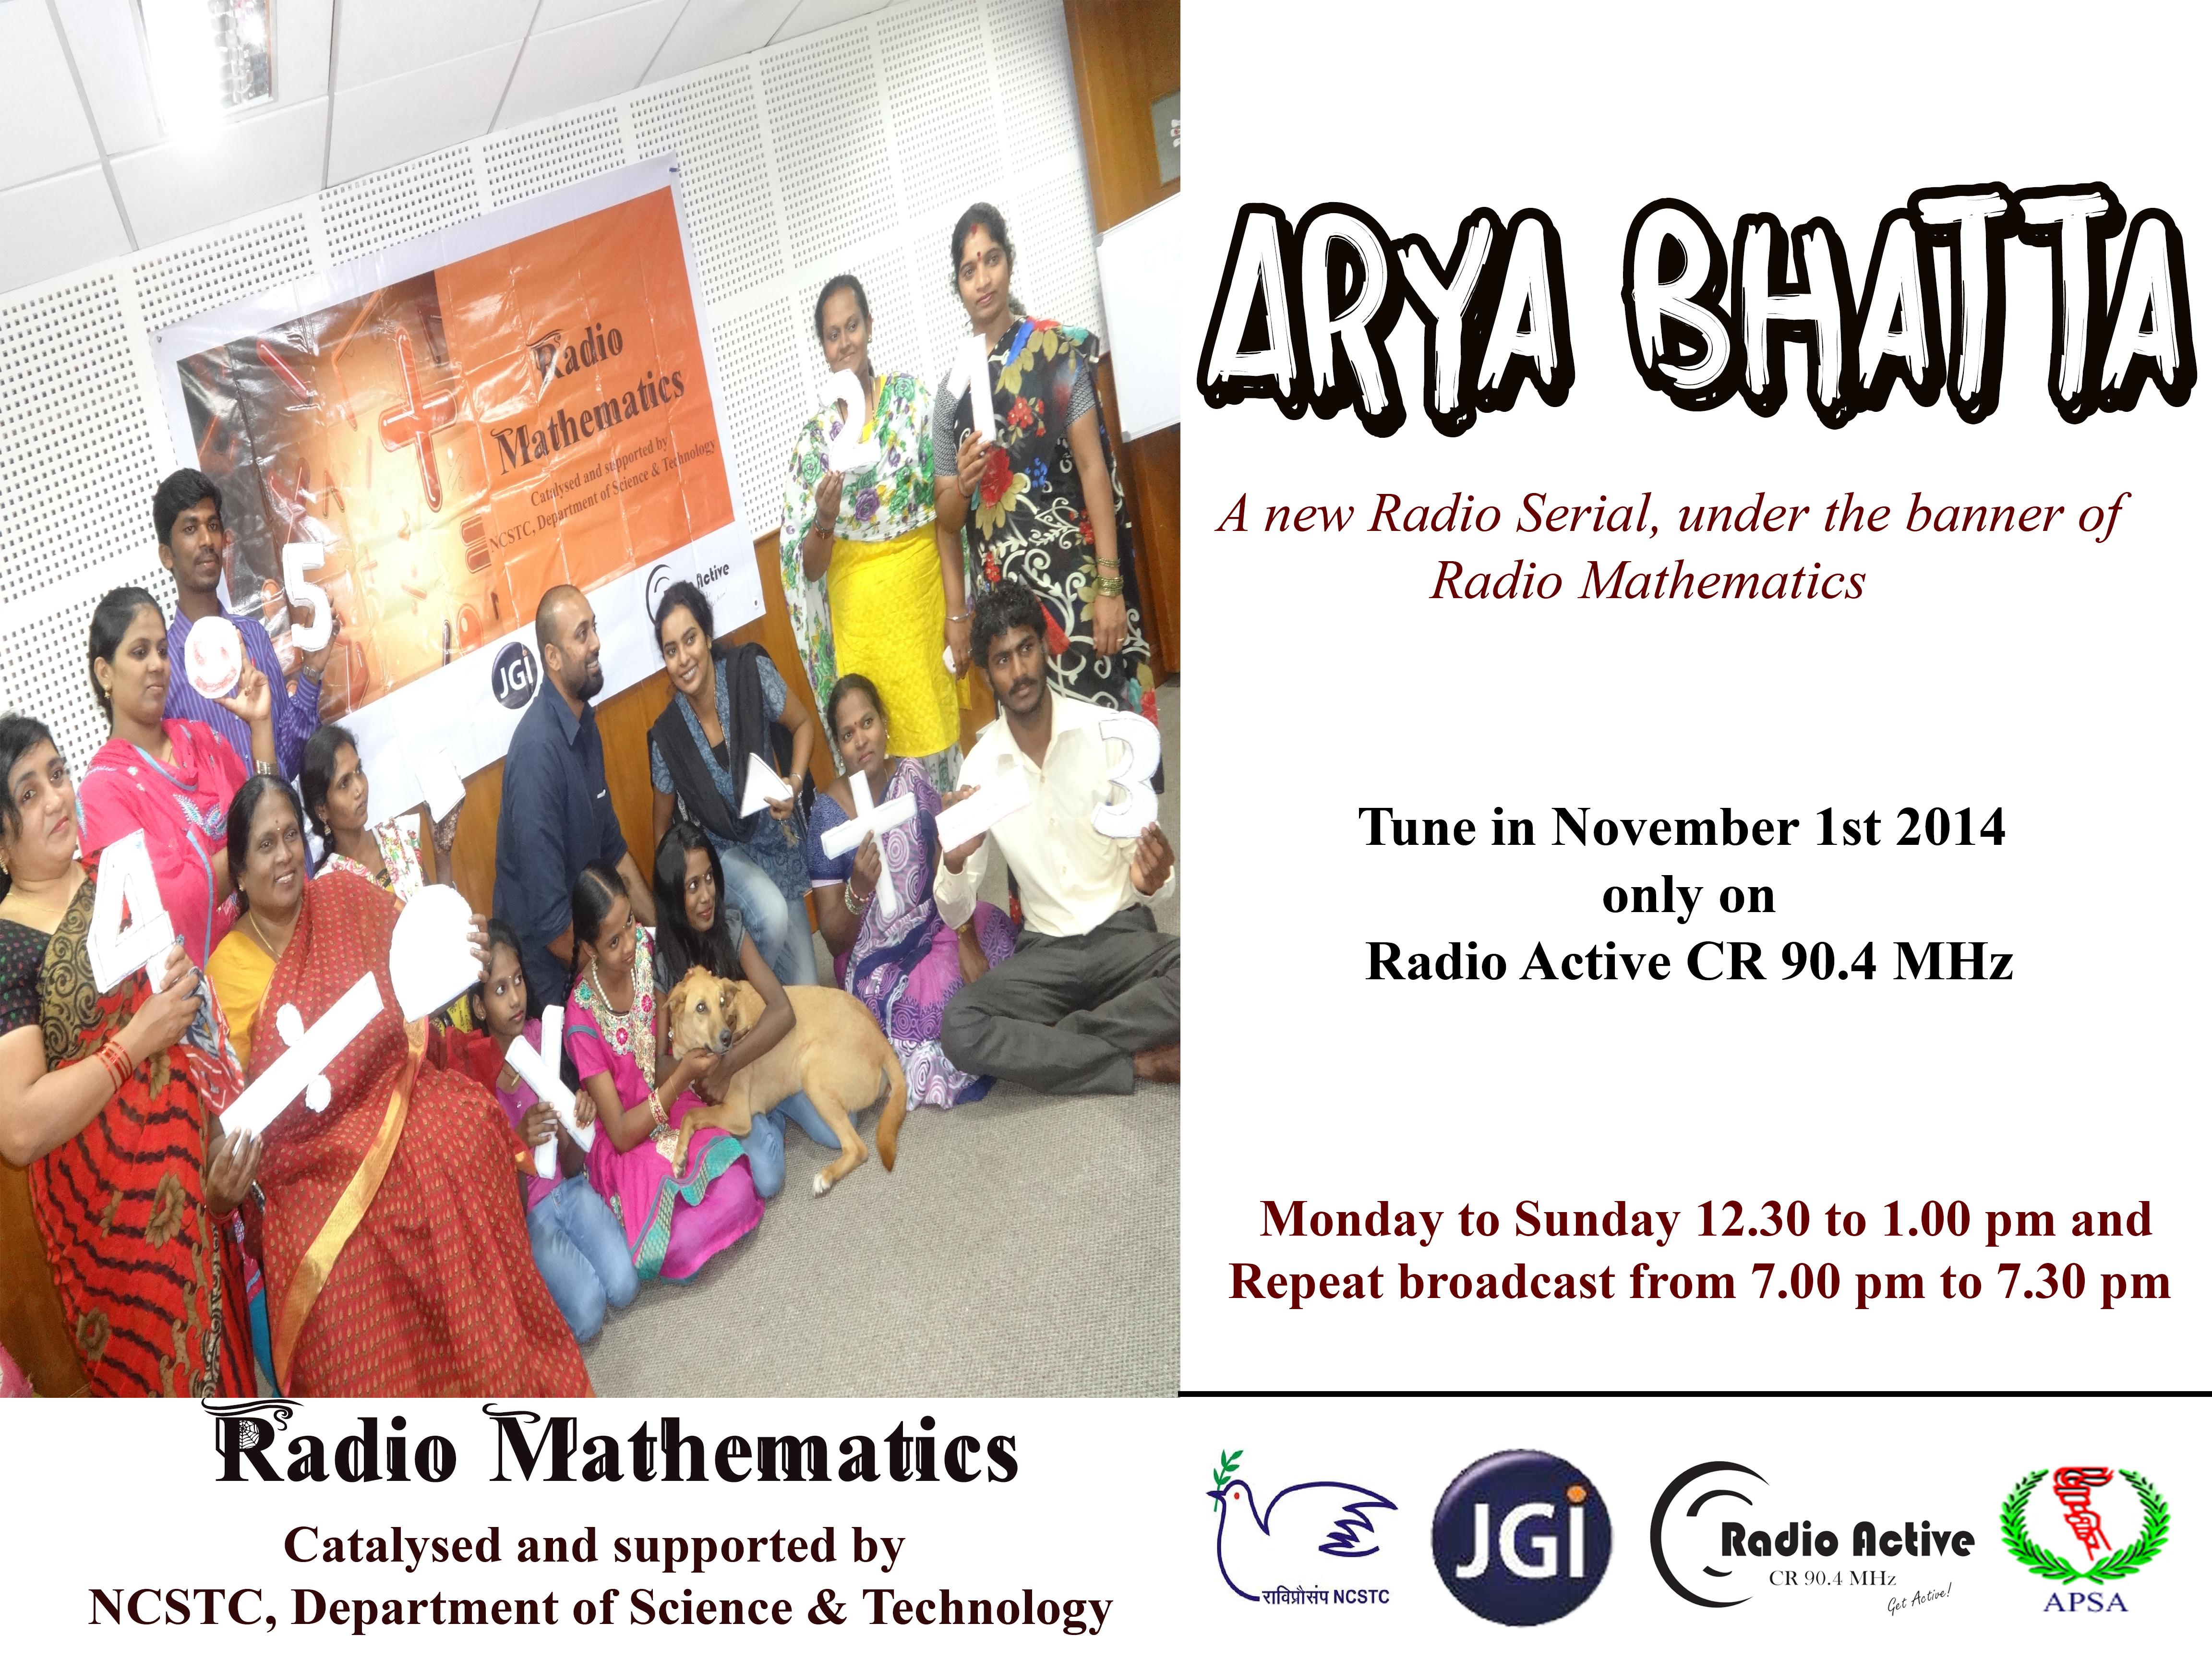 arya-bhatta-family